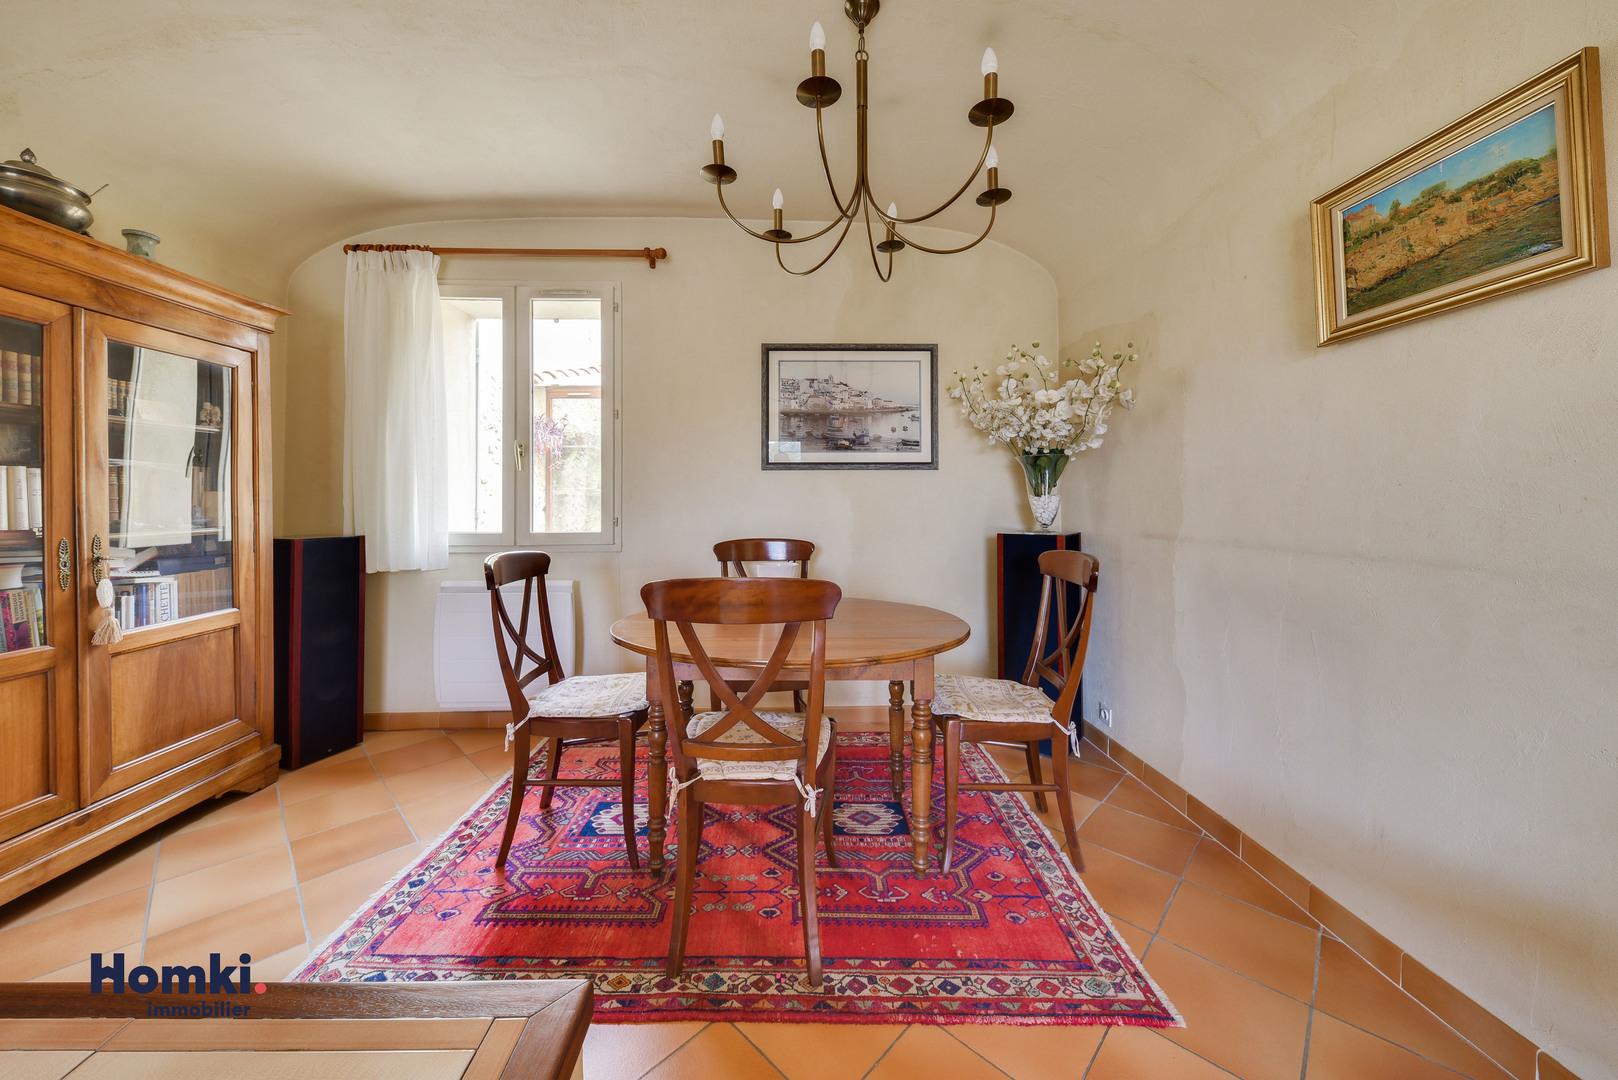 Vente Maison 105m² T4 13007 ROUCAS BOMPARD_6